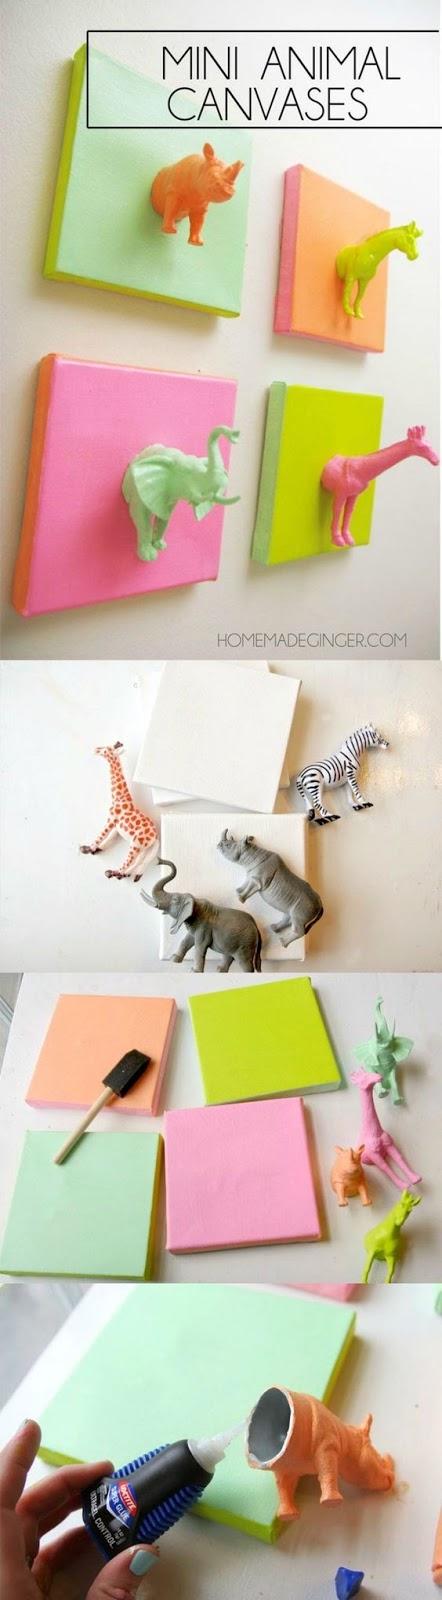 Ideas para decorar las habitaciones de tus hijos. Fotos extraídas desde Pinteres. Mod Podge Rocks